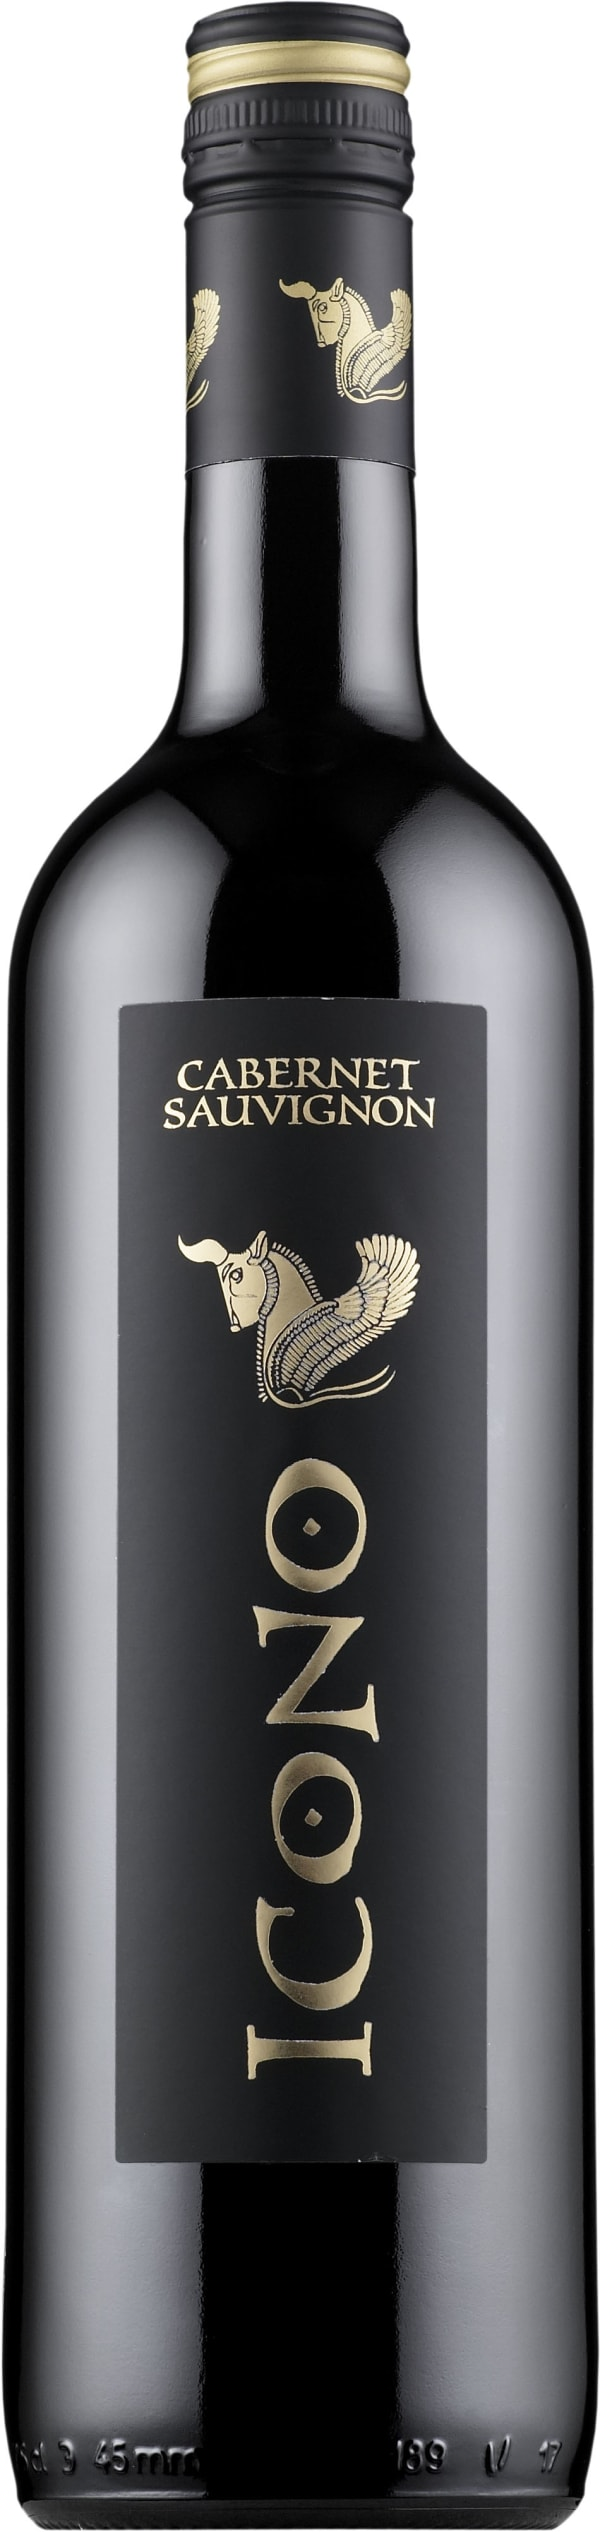 Icono Cabernet Sauvignon 2016